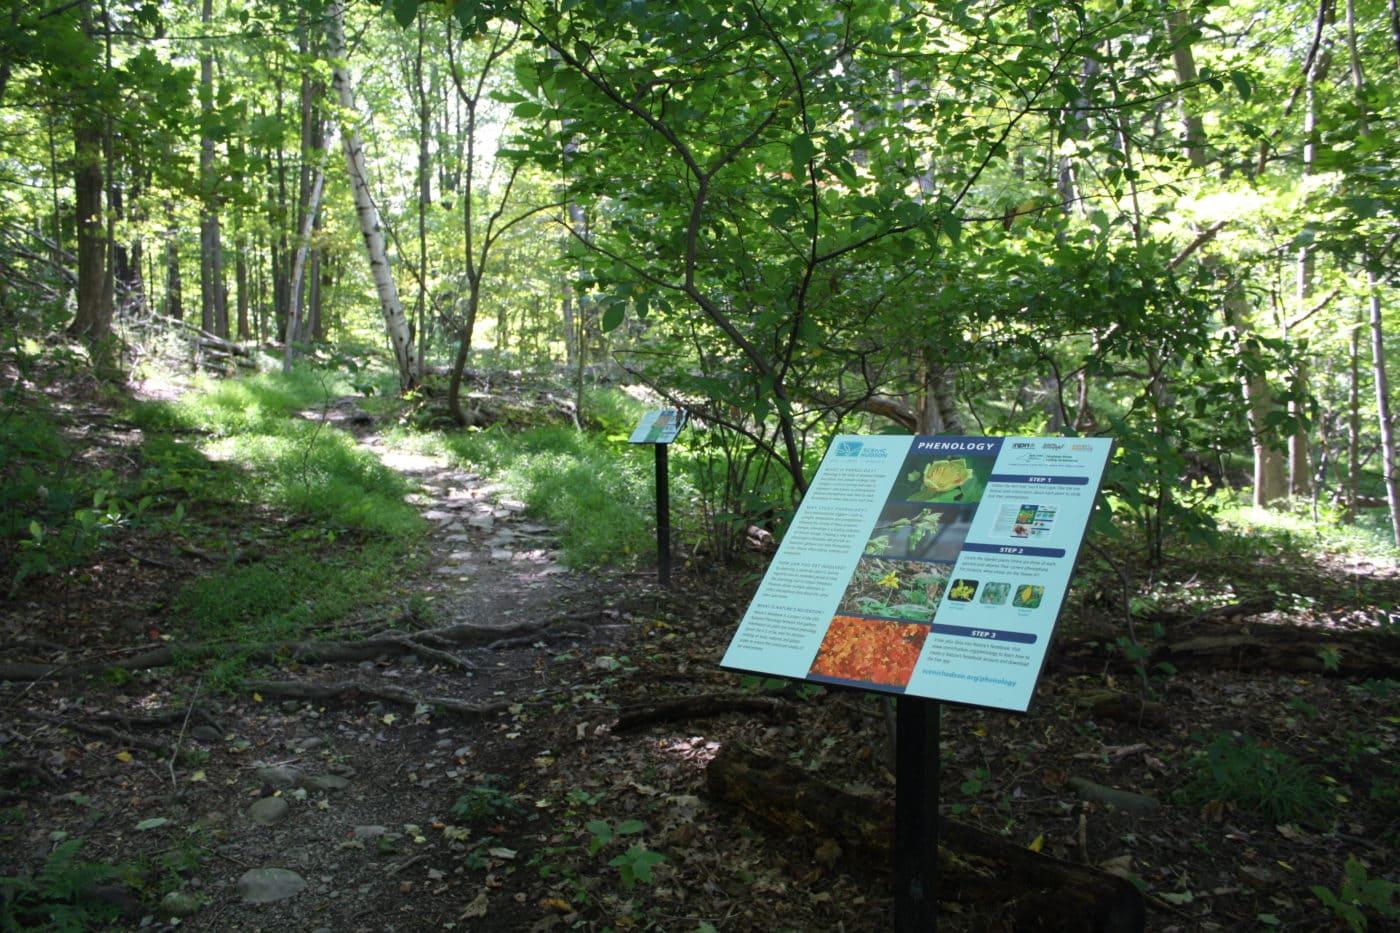 Esopus Meadows Preserve